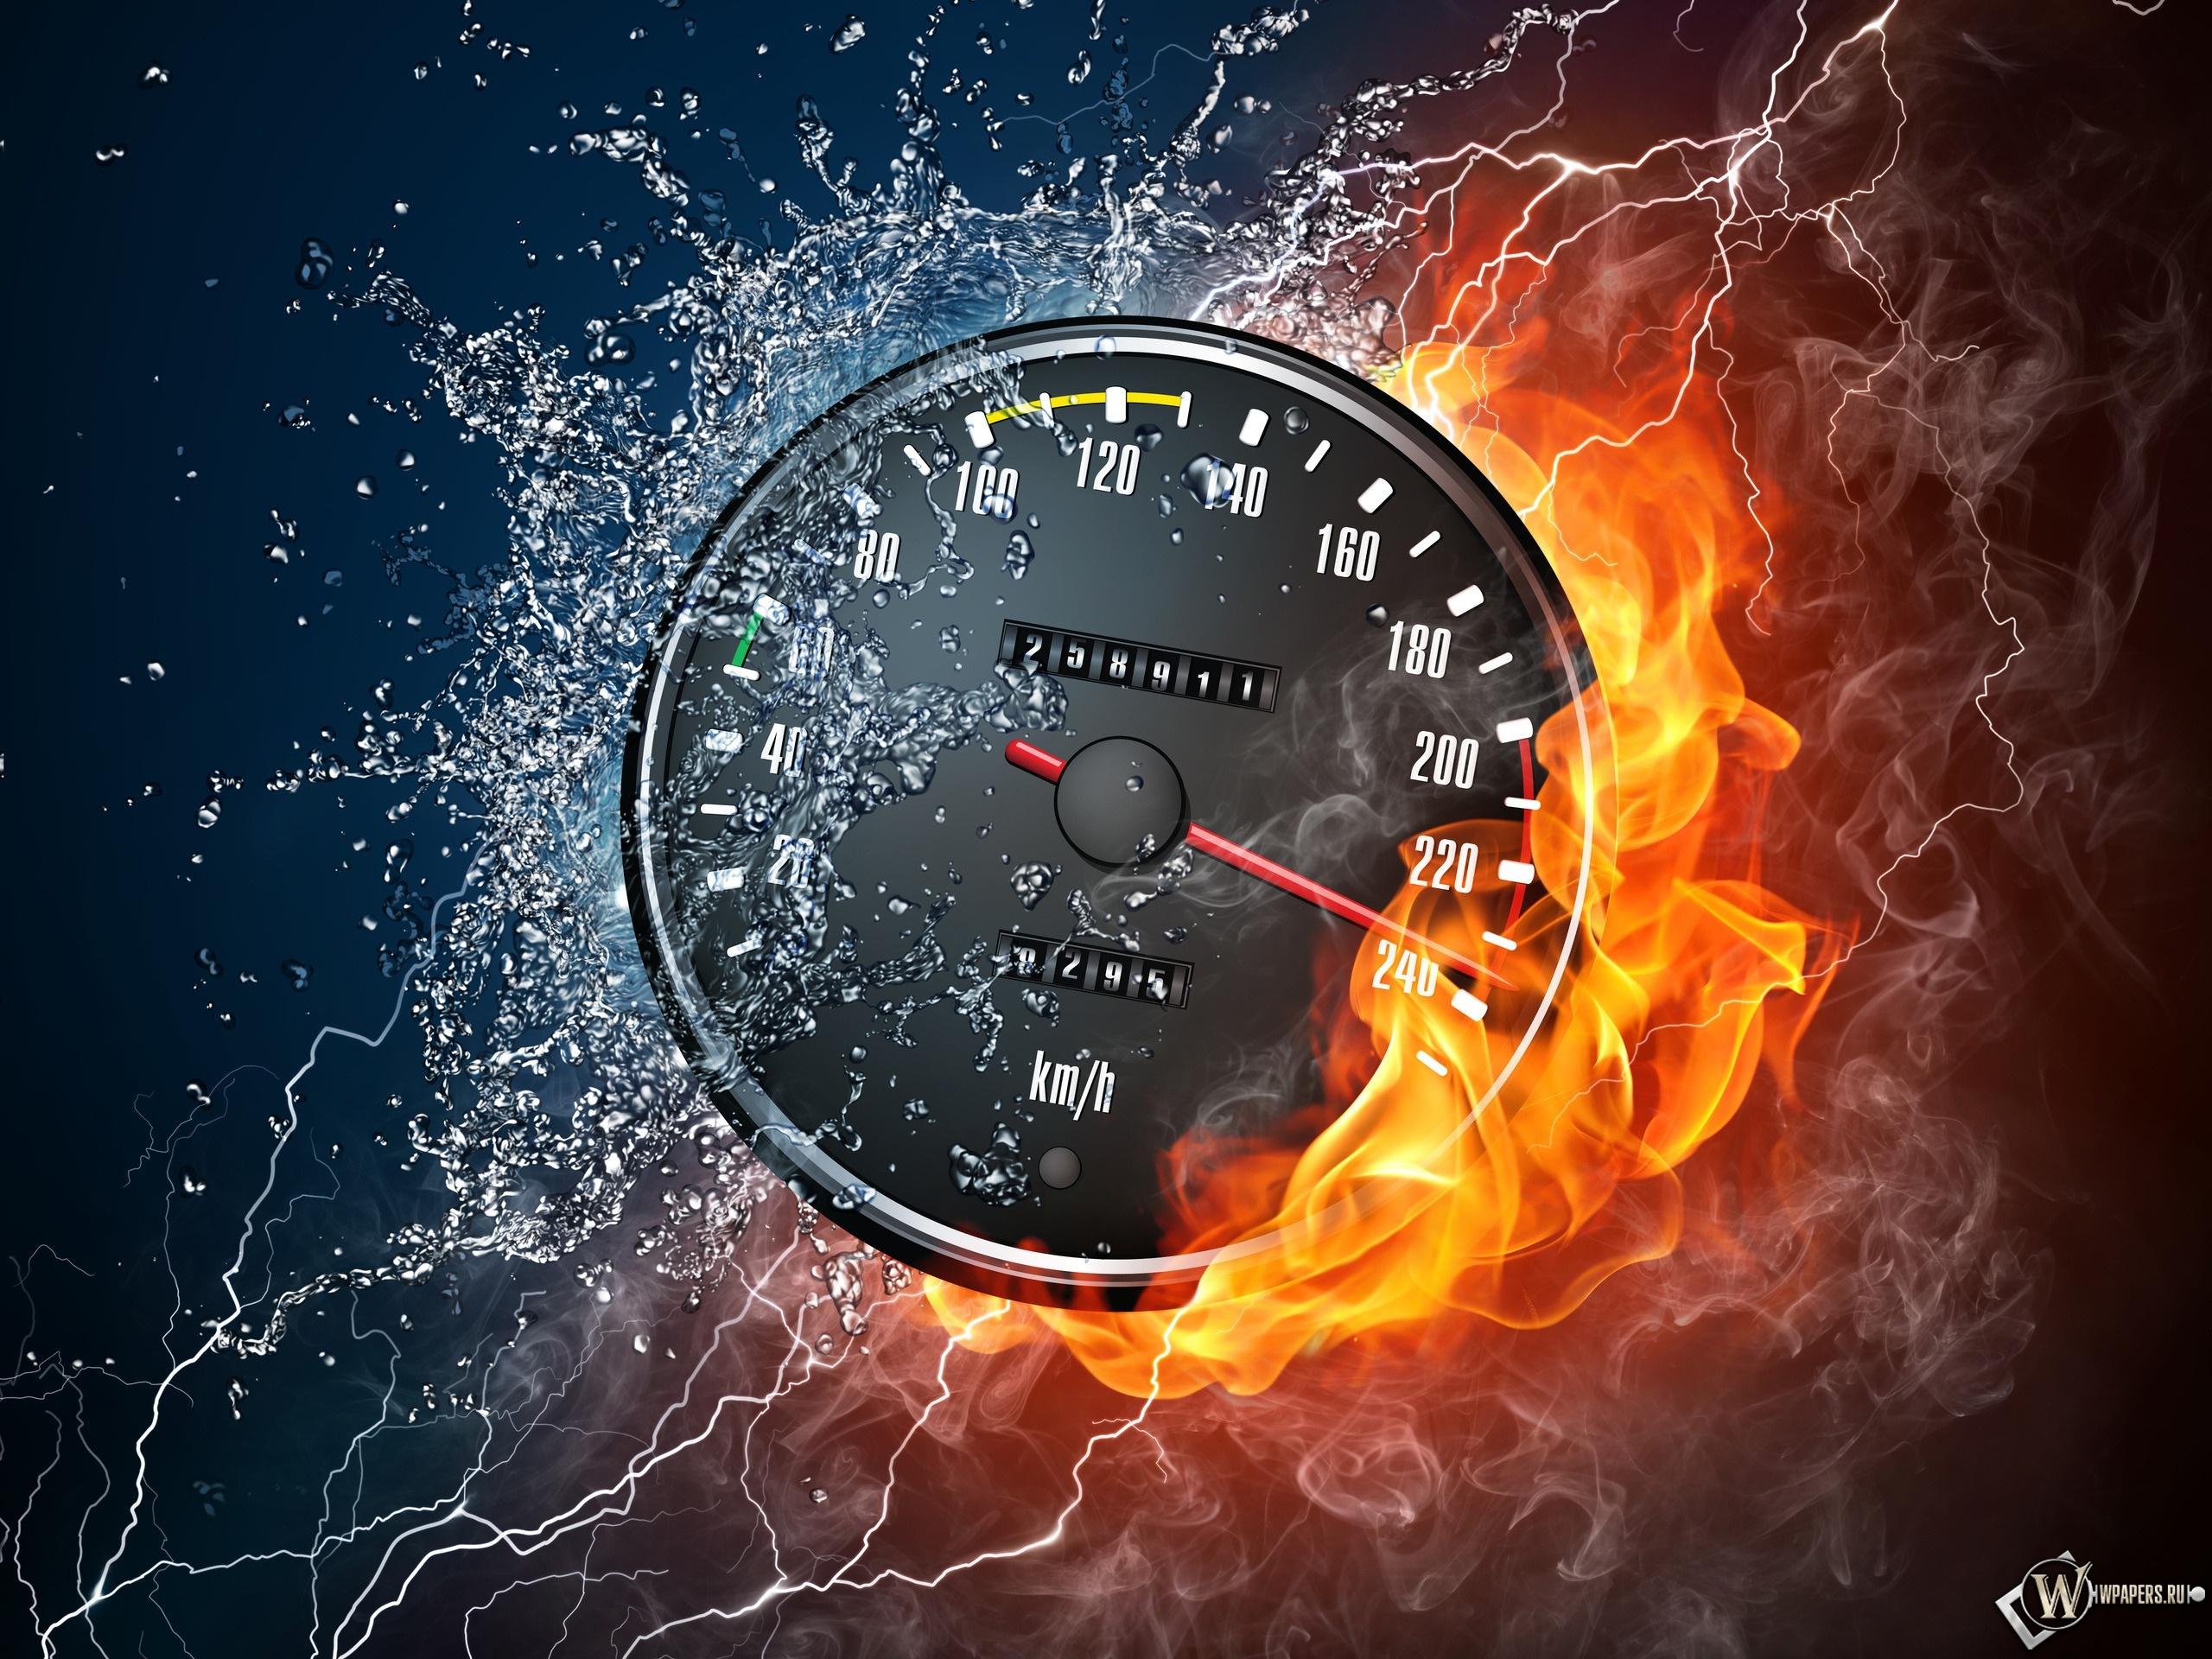 спидометр speedometer  № 2611016 бесплатно